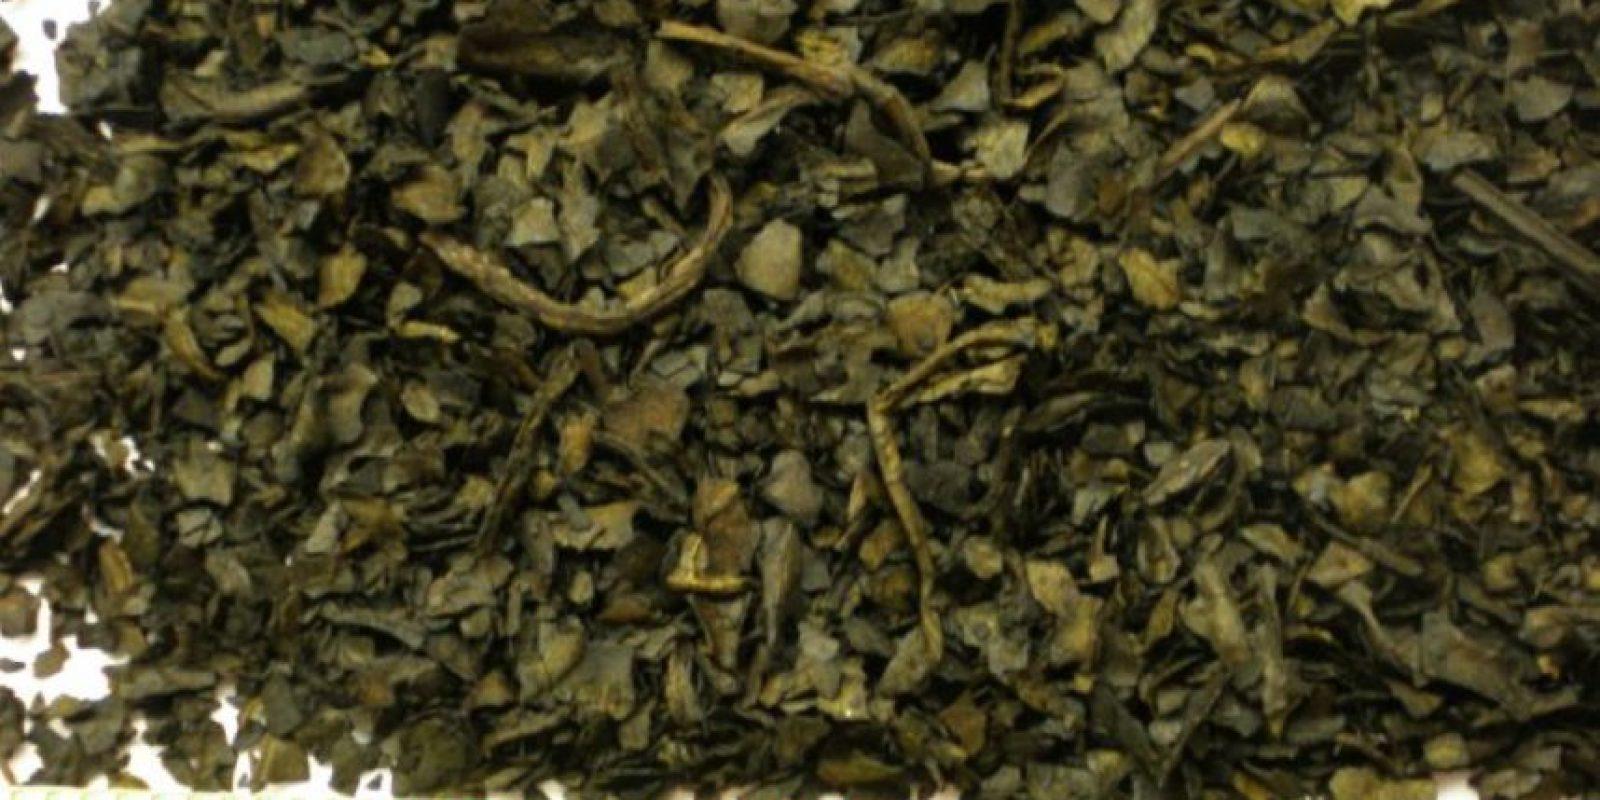 Salvia: Salvia Divinorum, otra droga sintética derivada de una hierba natural, en este caso de las hojas de menta. Se usaba para ritos tribales. Tiene compuestos que no son alcaloides y se puede consumir de forma natural. La sensación producida por la salvia es una liberación de adrenalina y euforia, gracias a su sustancia estrella: la salvinorina-A. Foto:vía Wikipedia